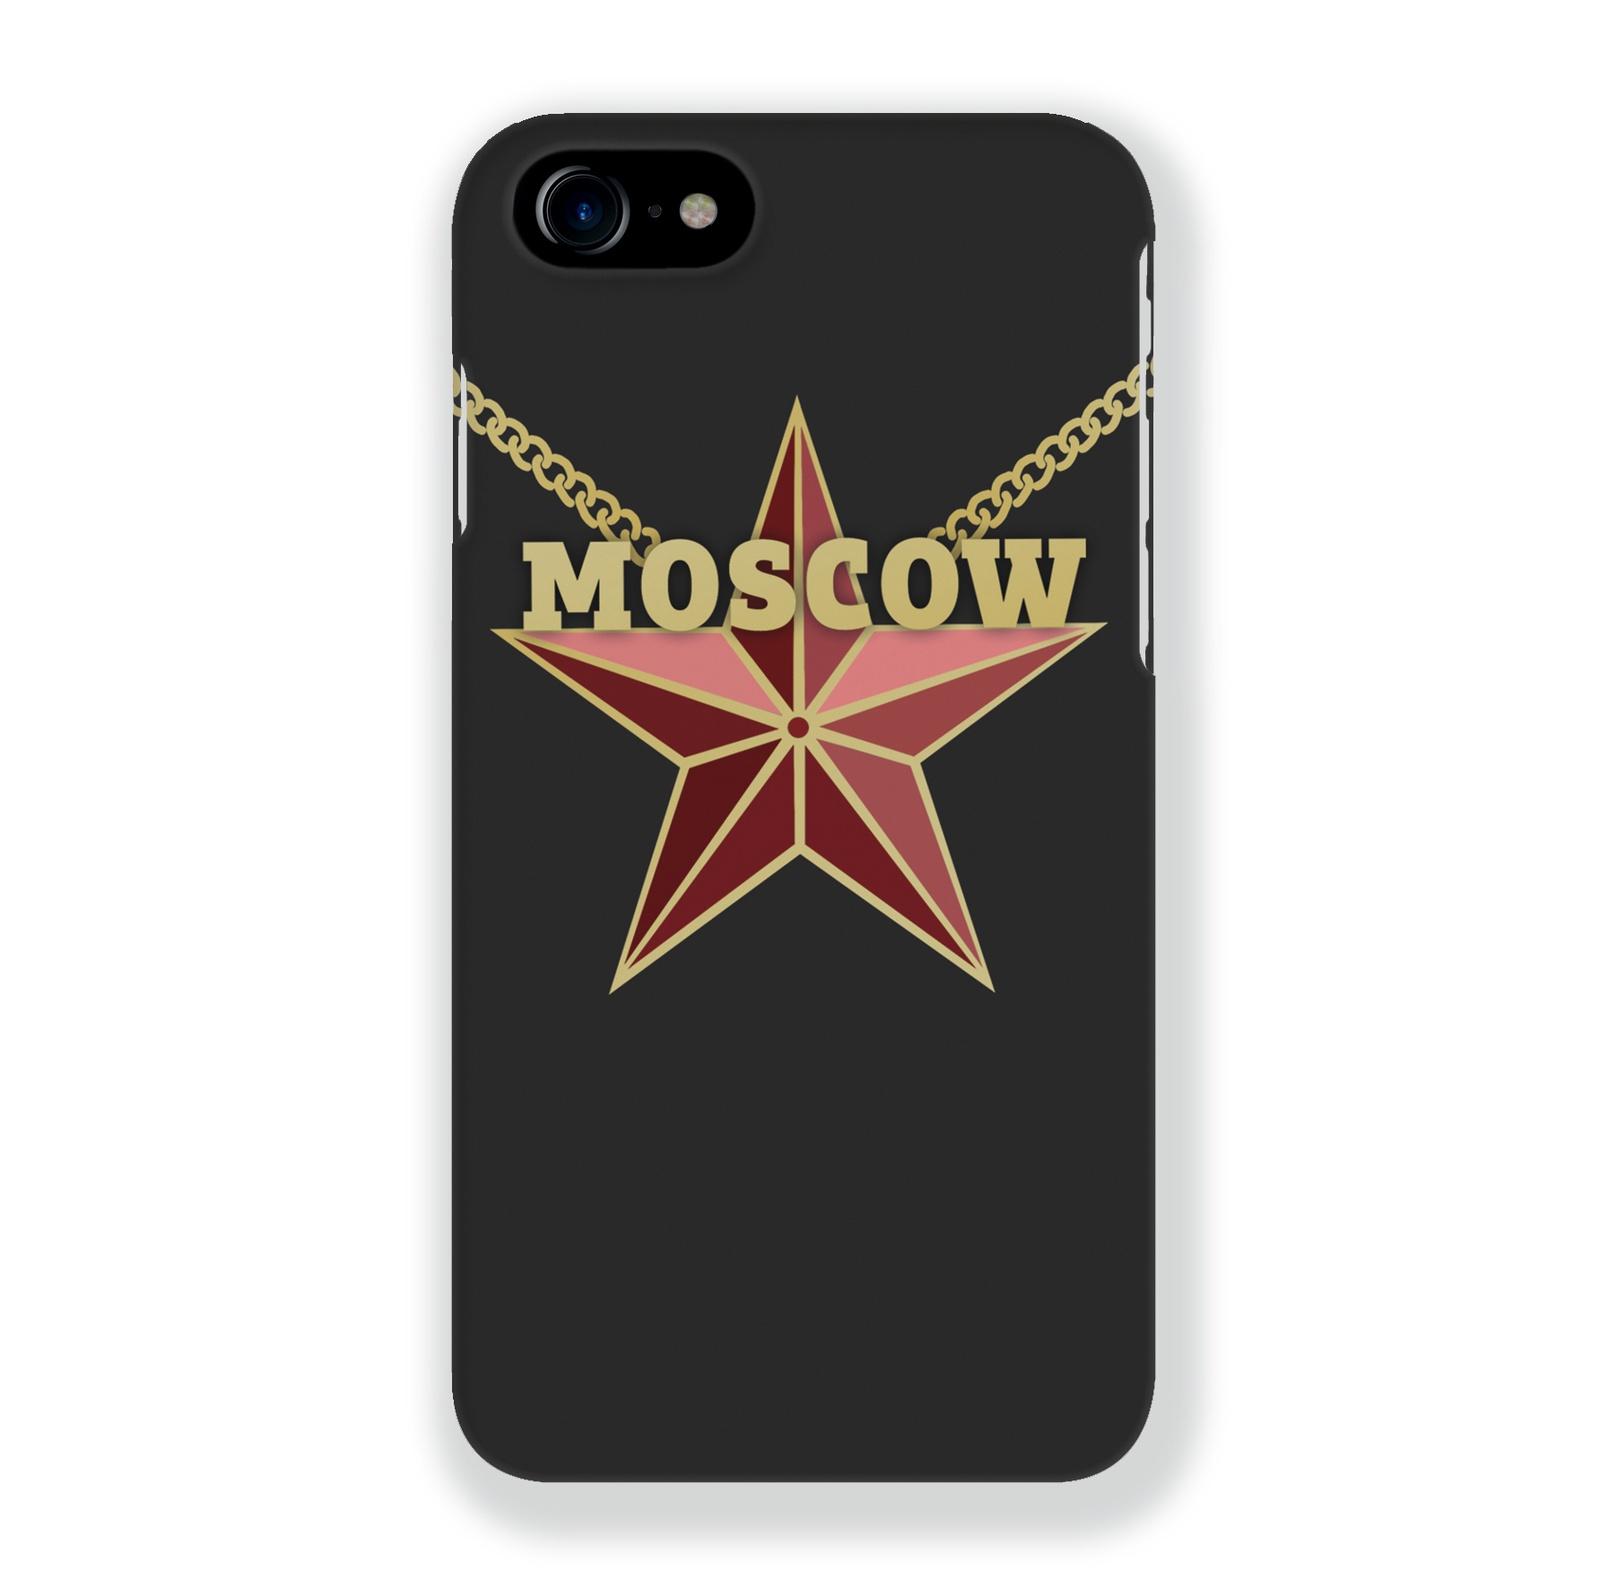 Чехол Mitya Veselkov Moscow Star для iPhone 7/8, IP7.MITYA-011, разноцветный чехол для iphone 5 mitya veselkov птички невелички